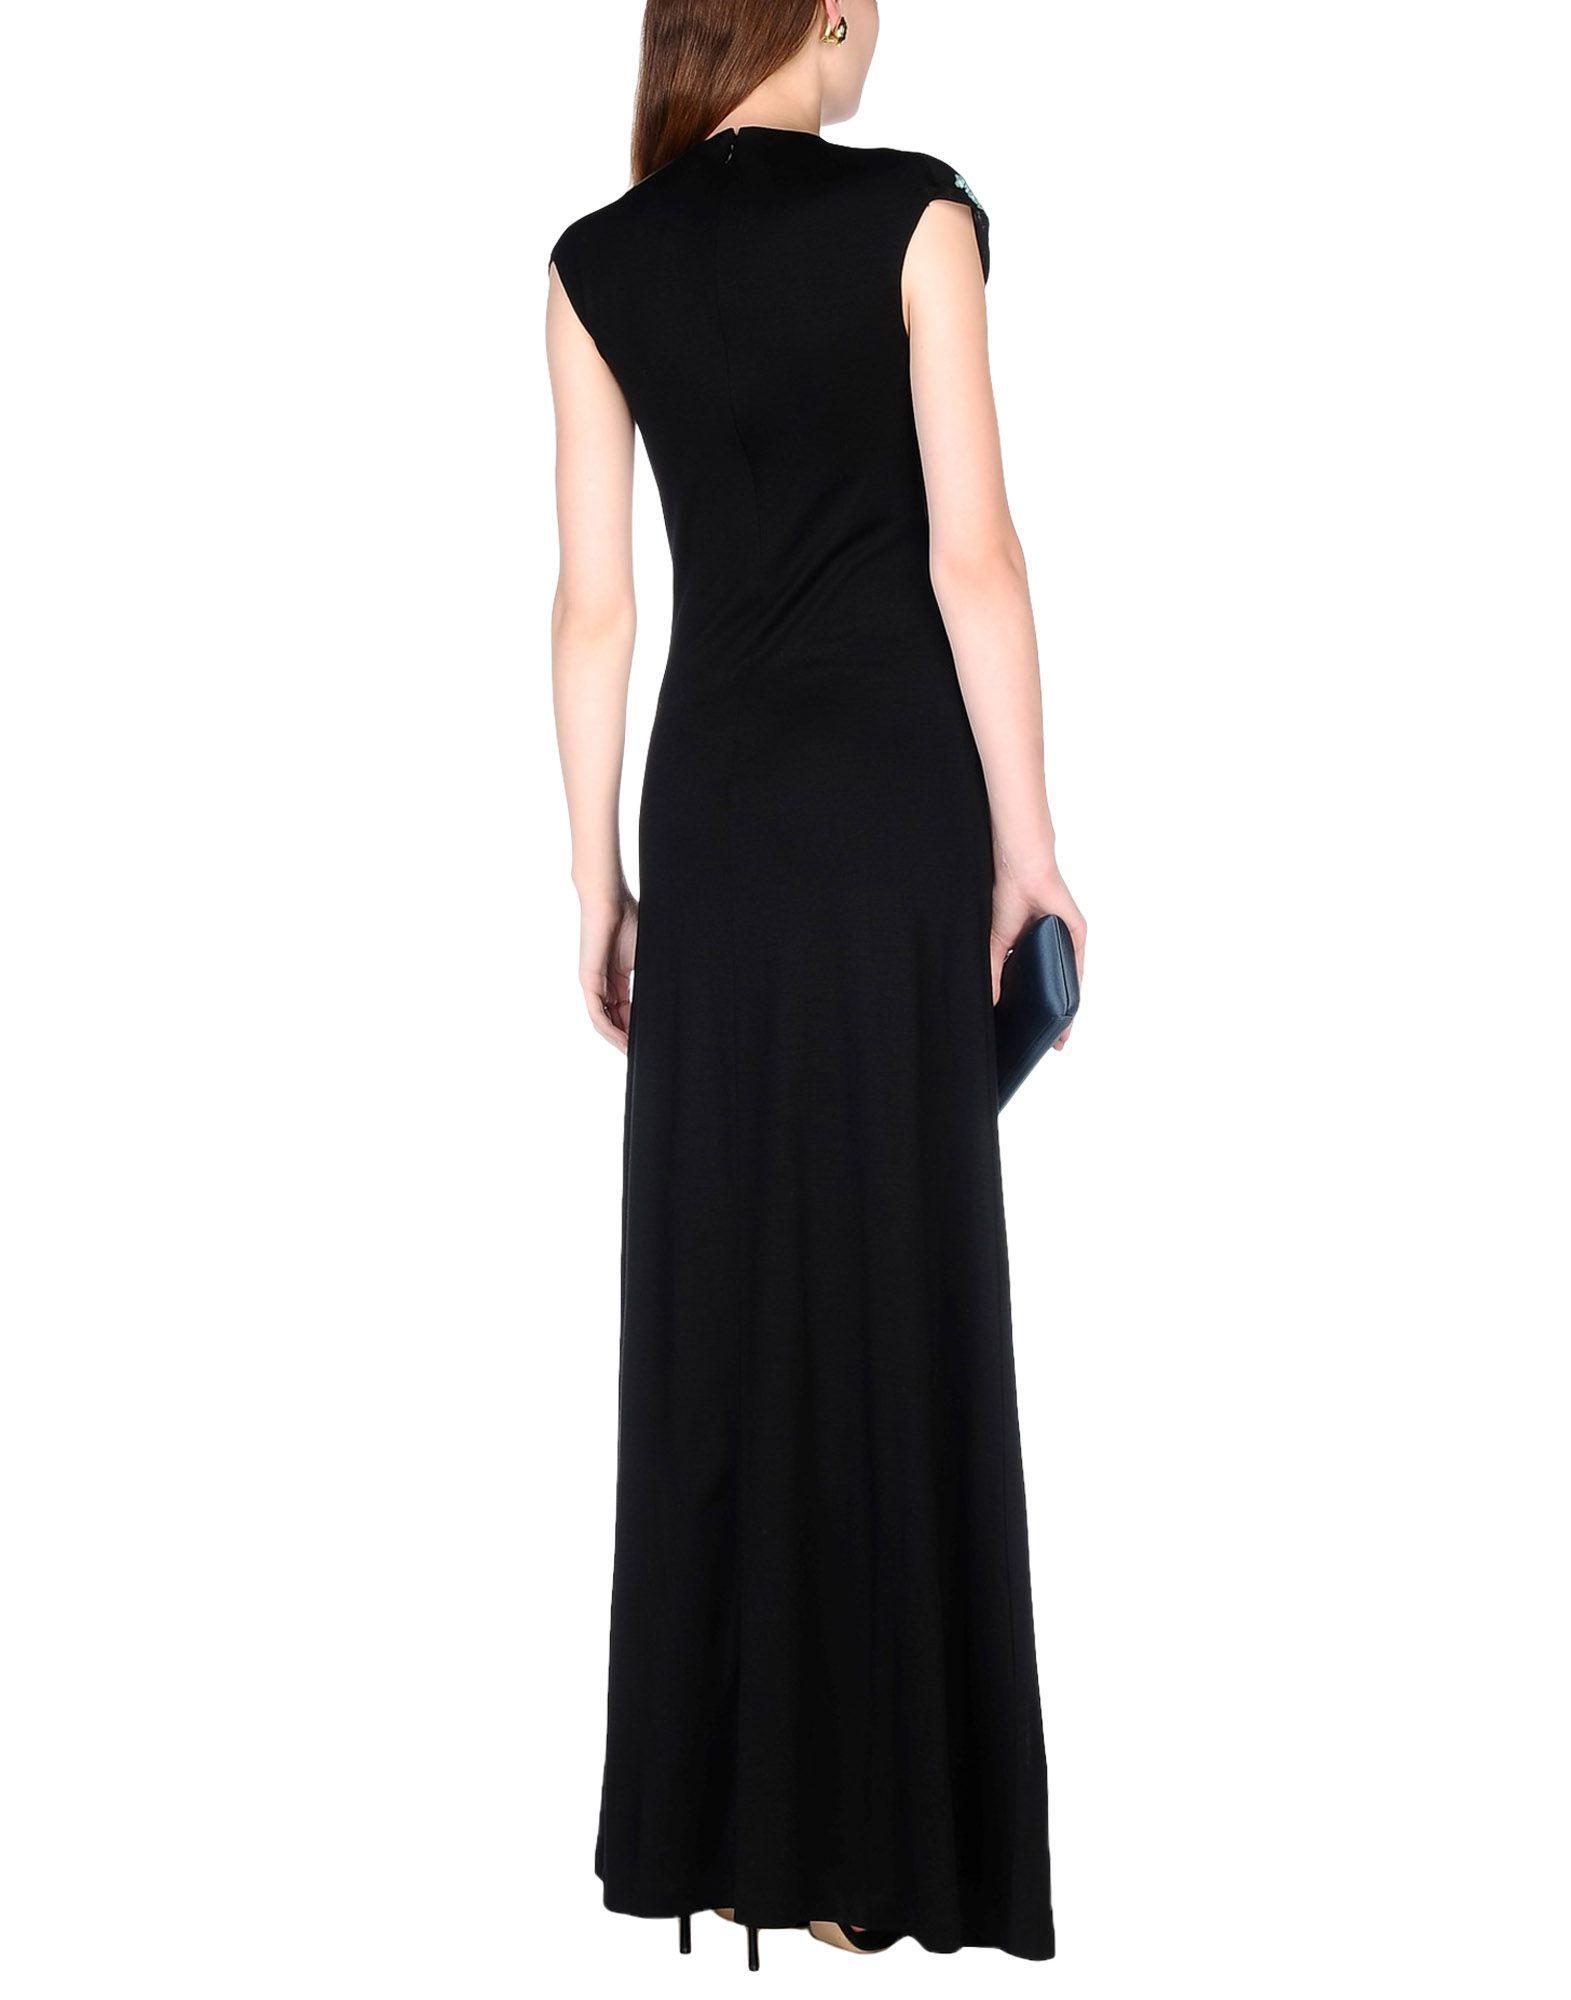 Diane Von Furstenberg Black Embellished Full Length Dress